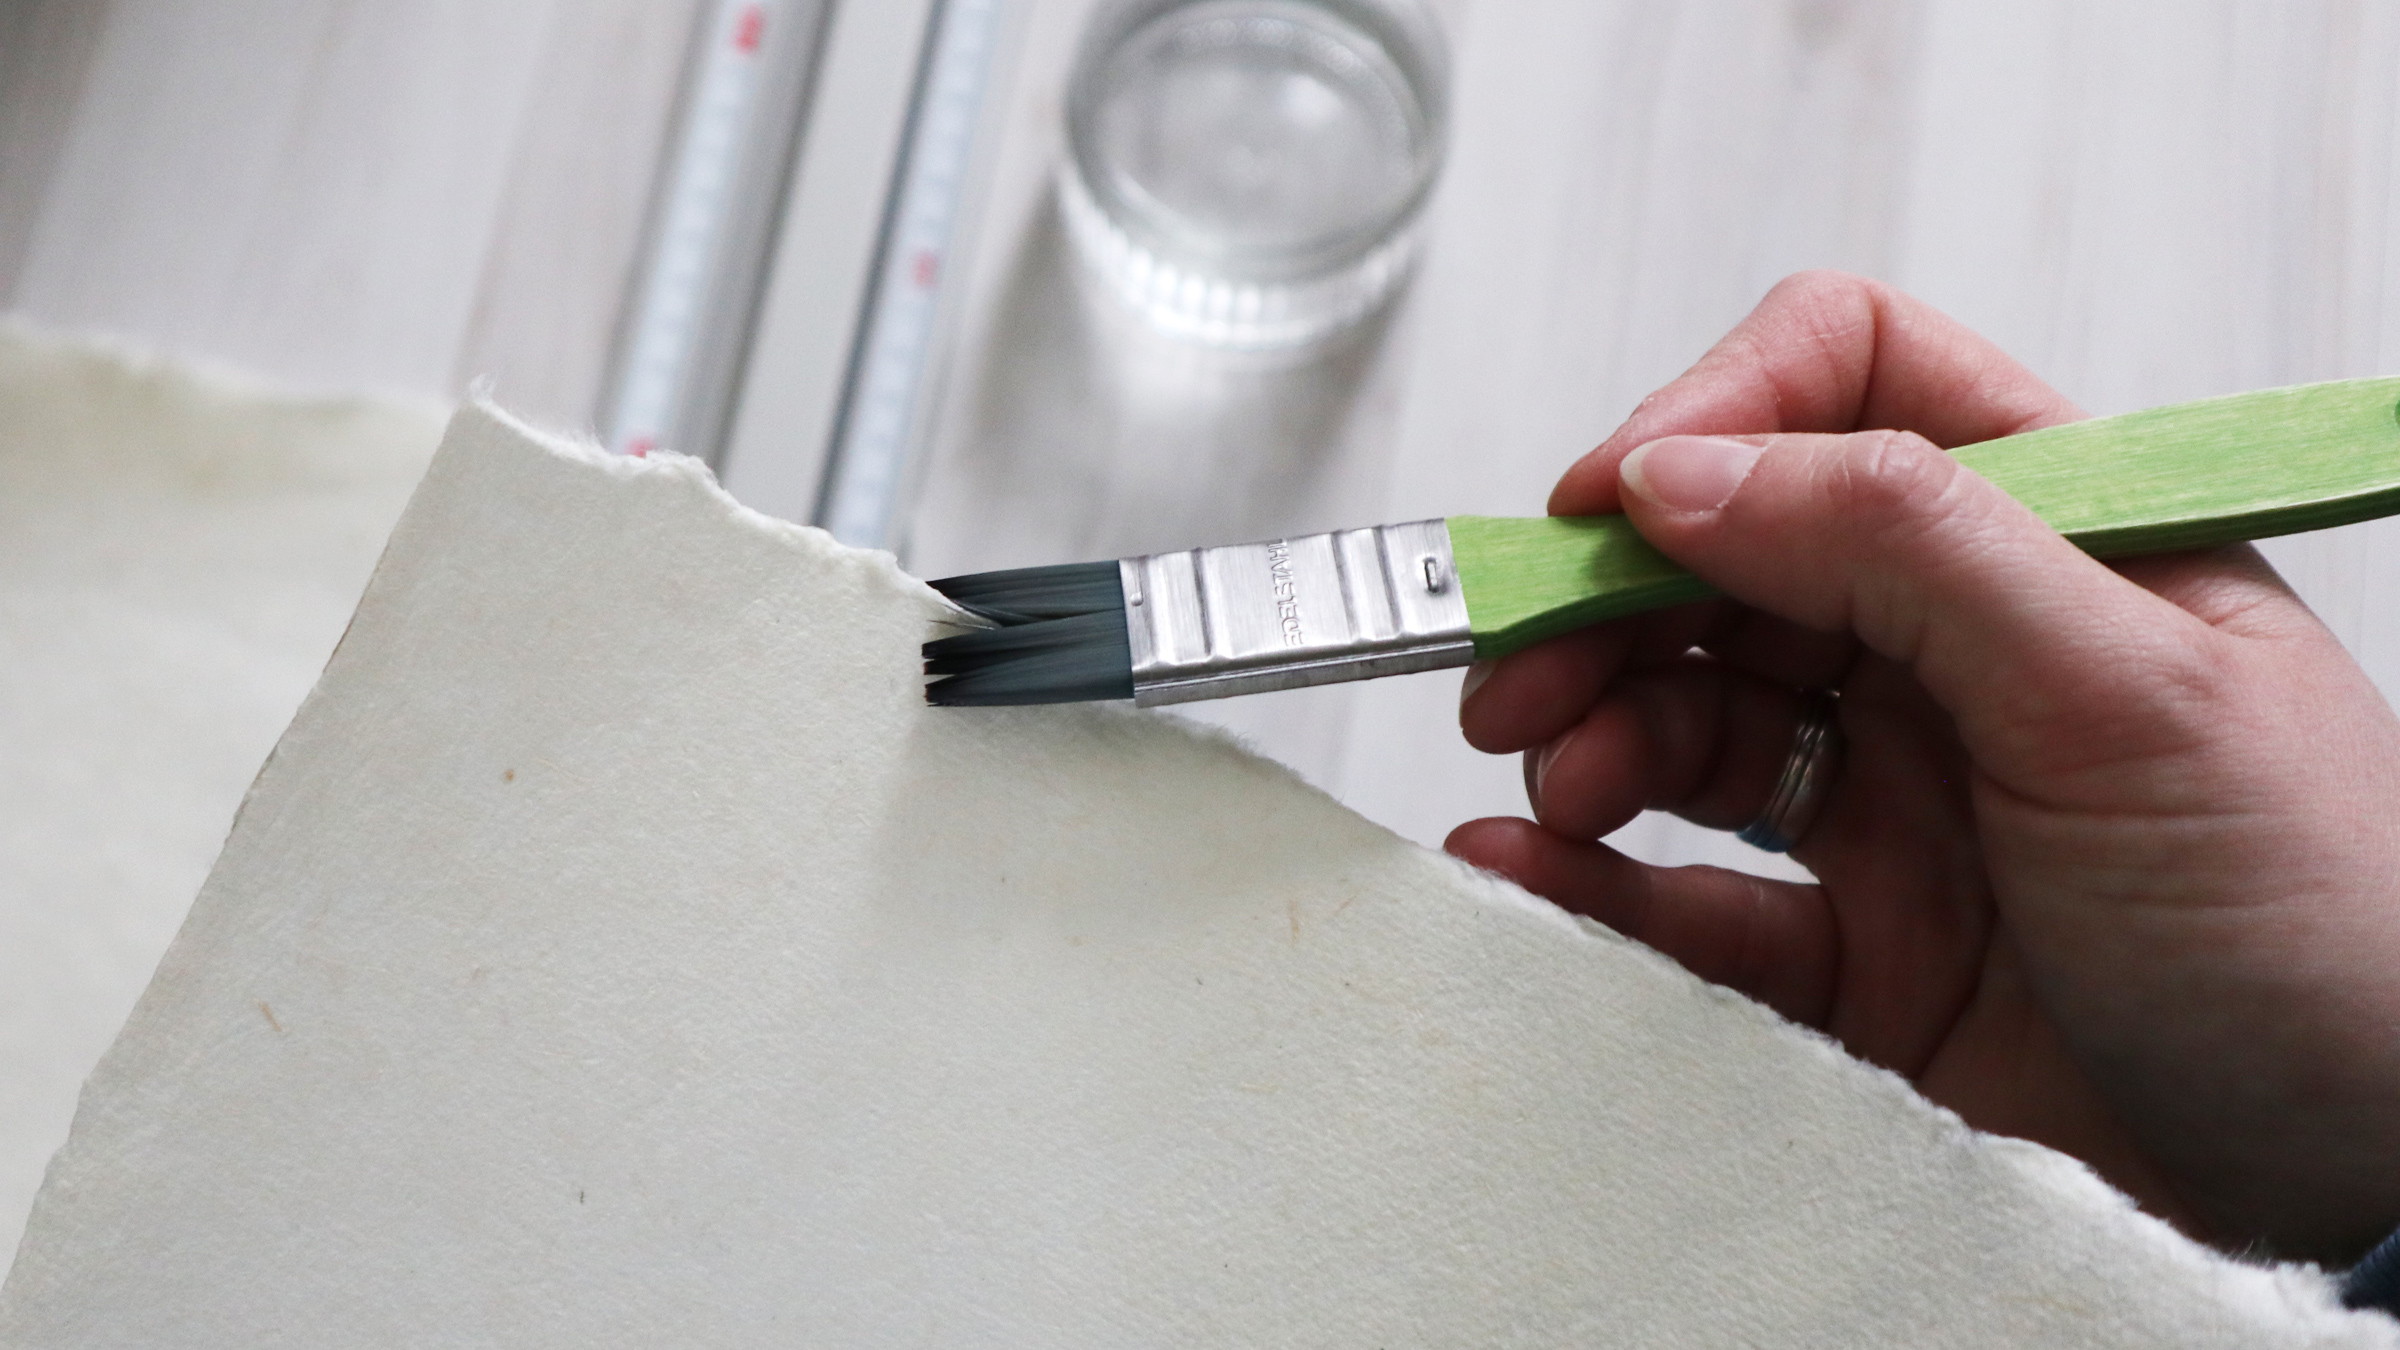 Bearbeiten der gerissenen Kanten mit Wasser um die Fasern wieder zusammen zu drücken